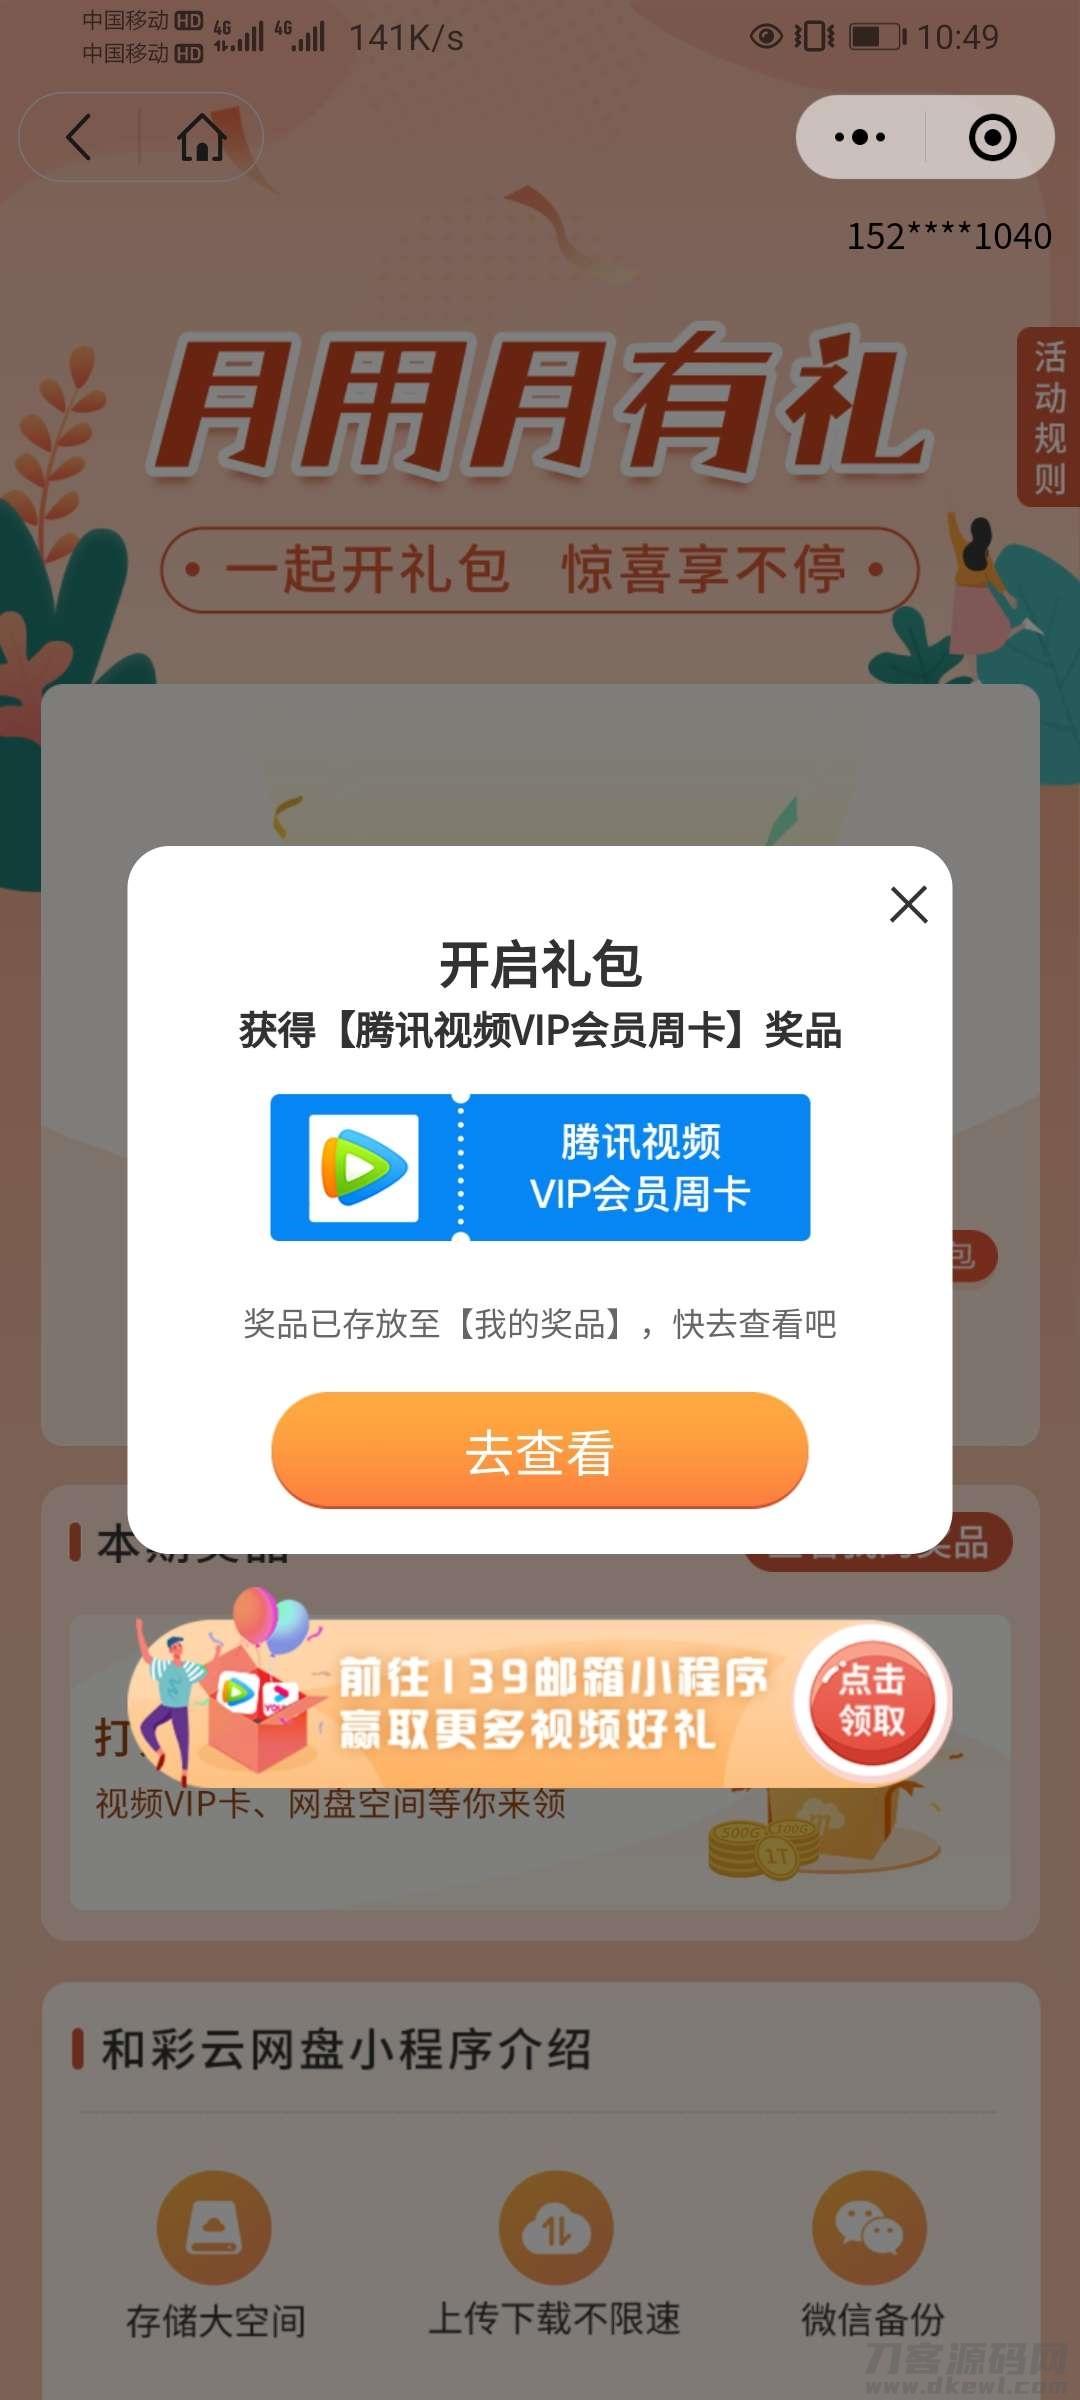 【虚拟商品】和彩云提取腾讯官方VIP插图2